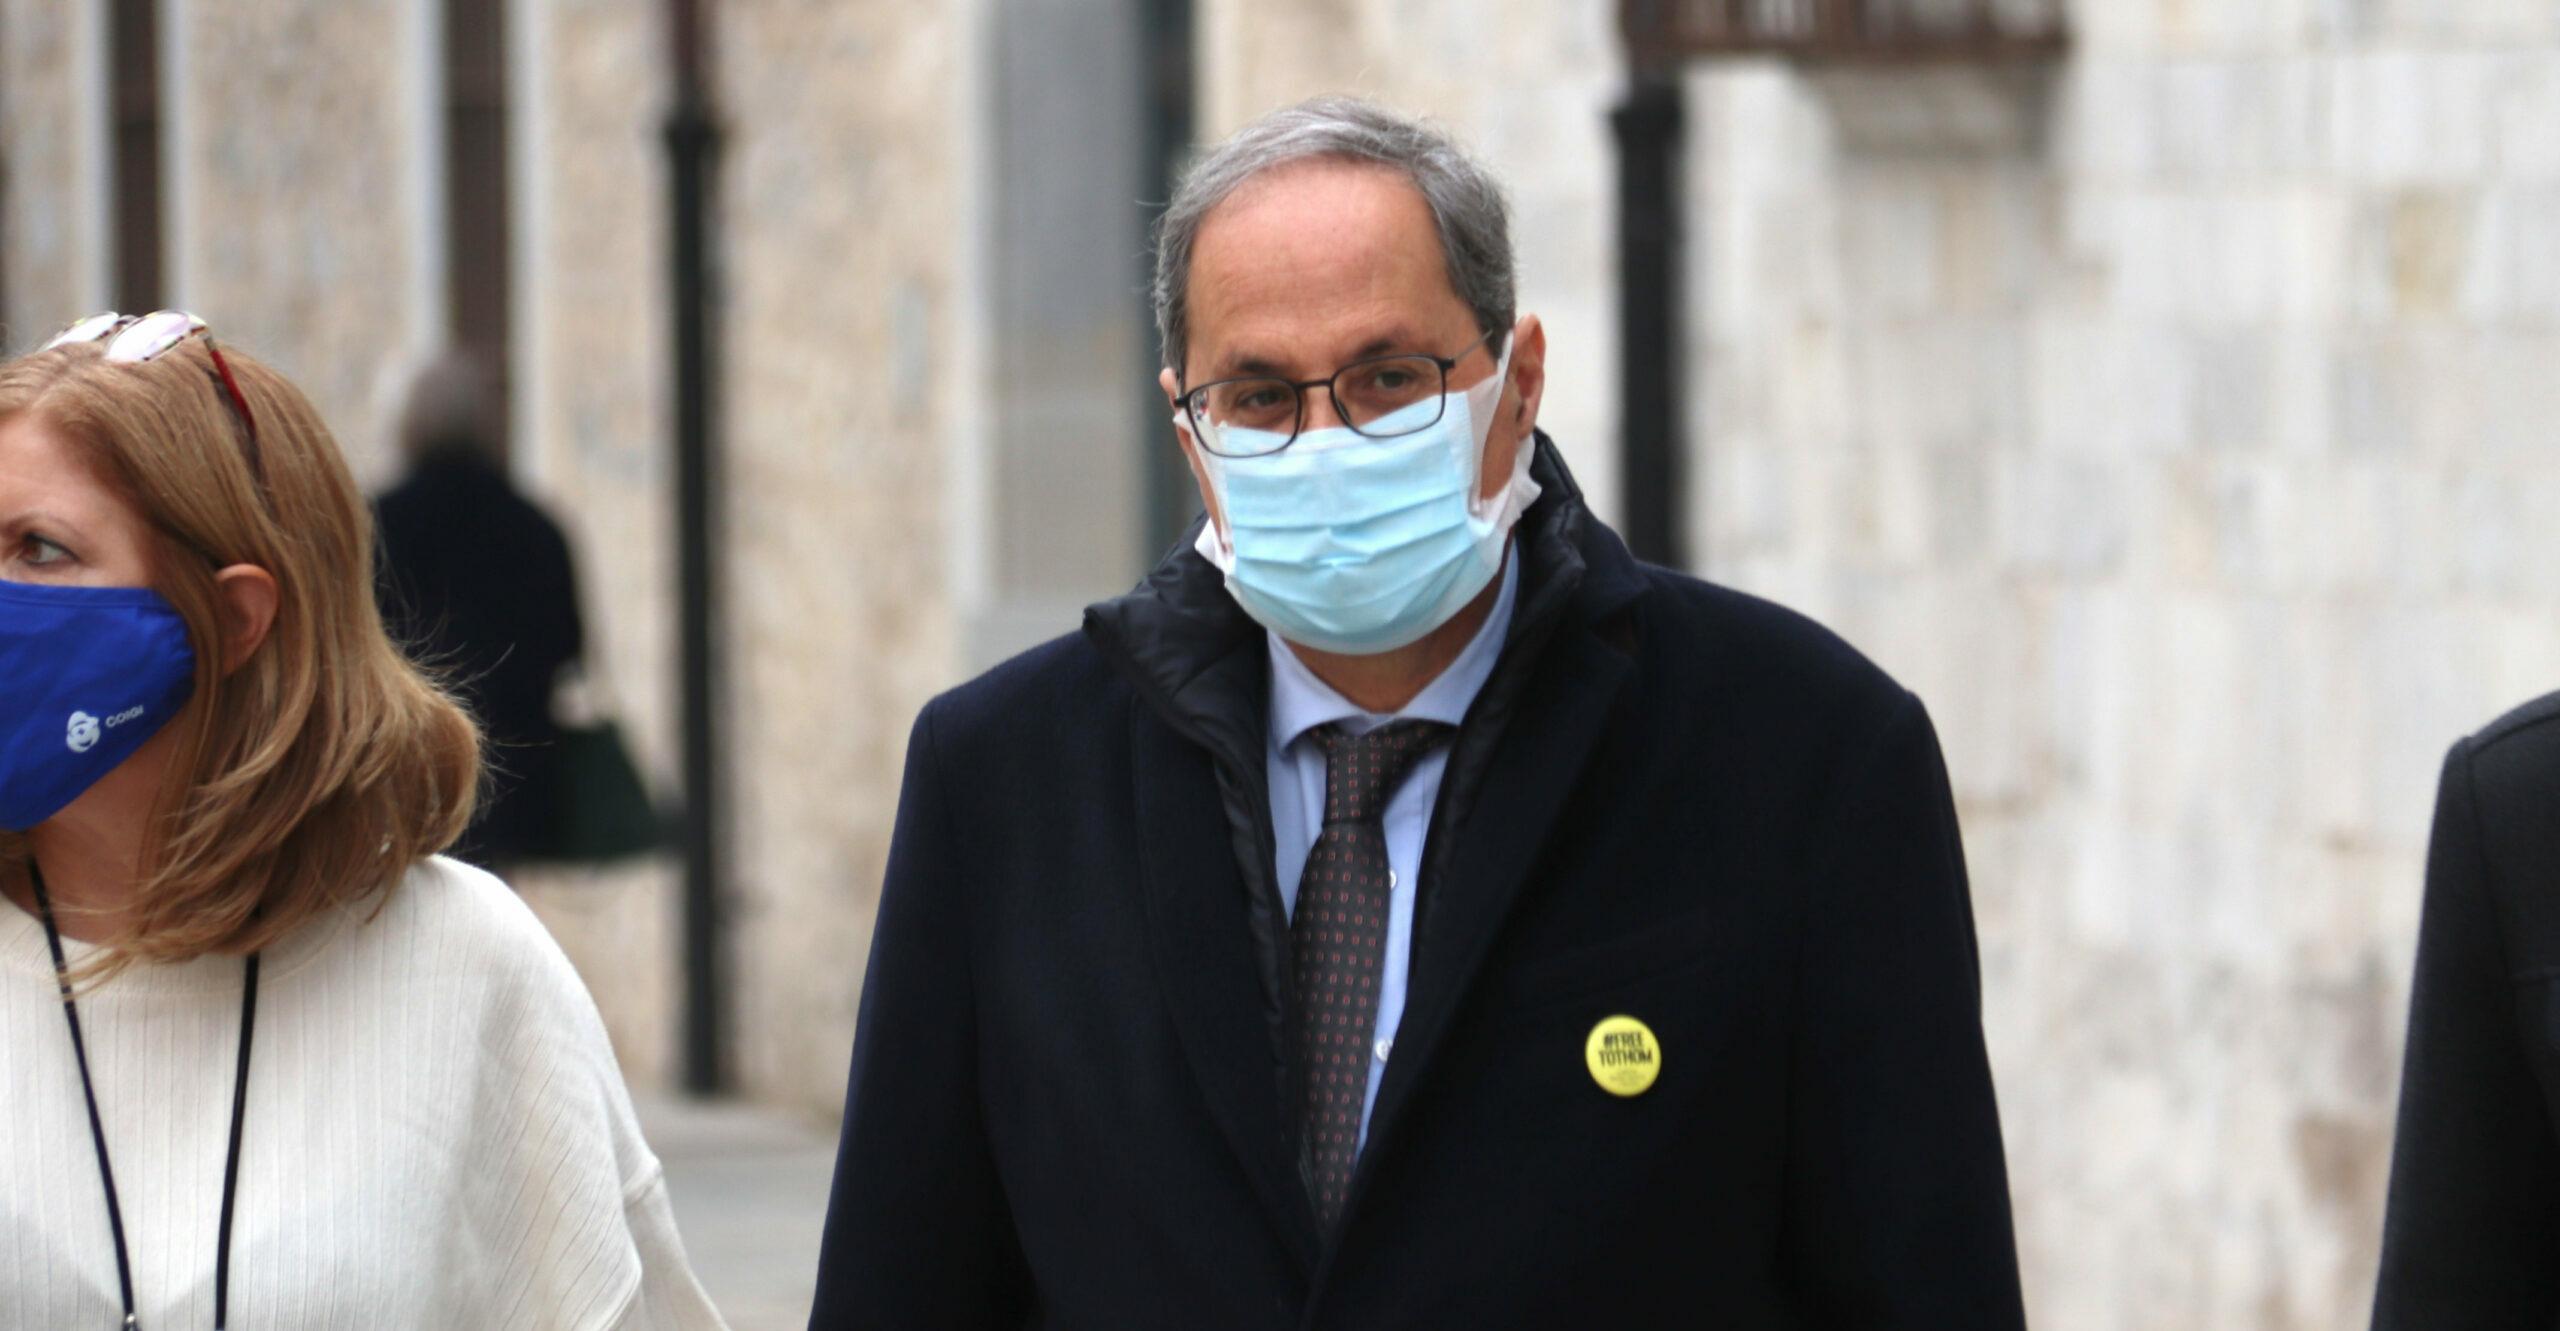 L'expresident de la Generalitat, Quim Torra | ACN